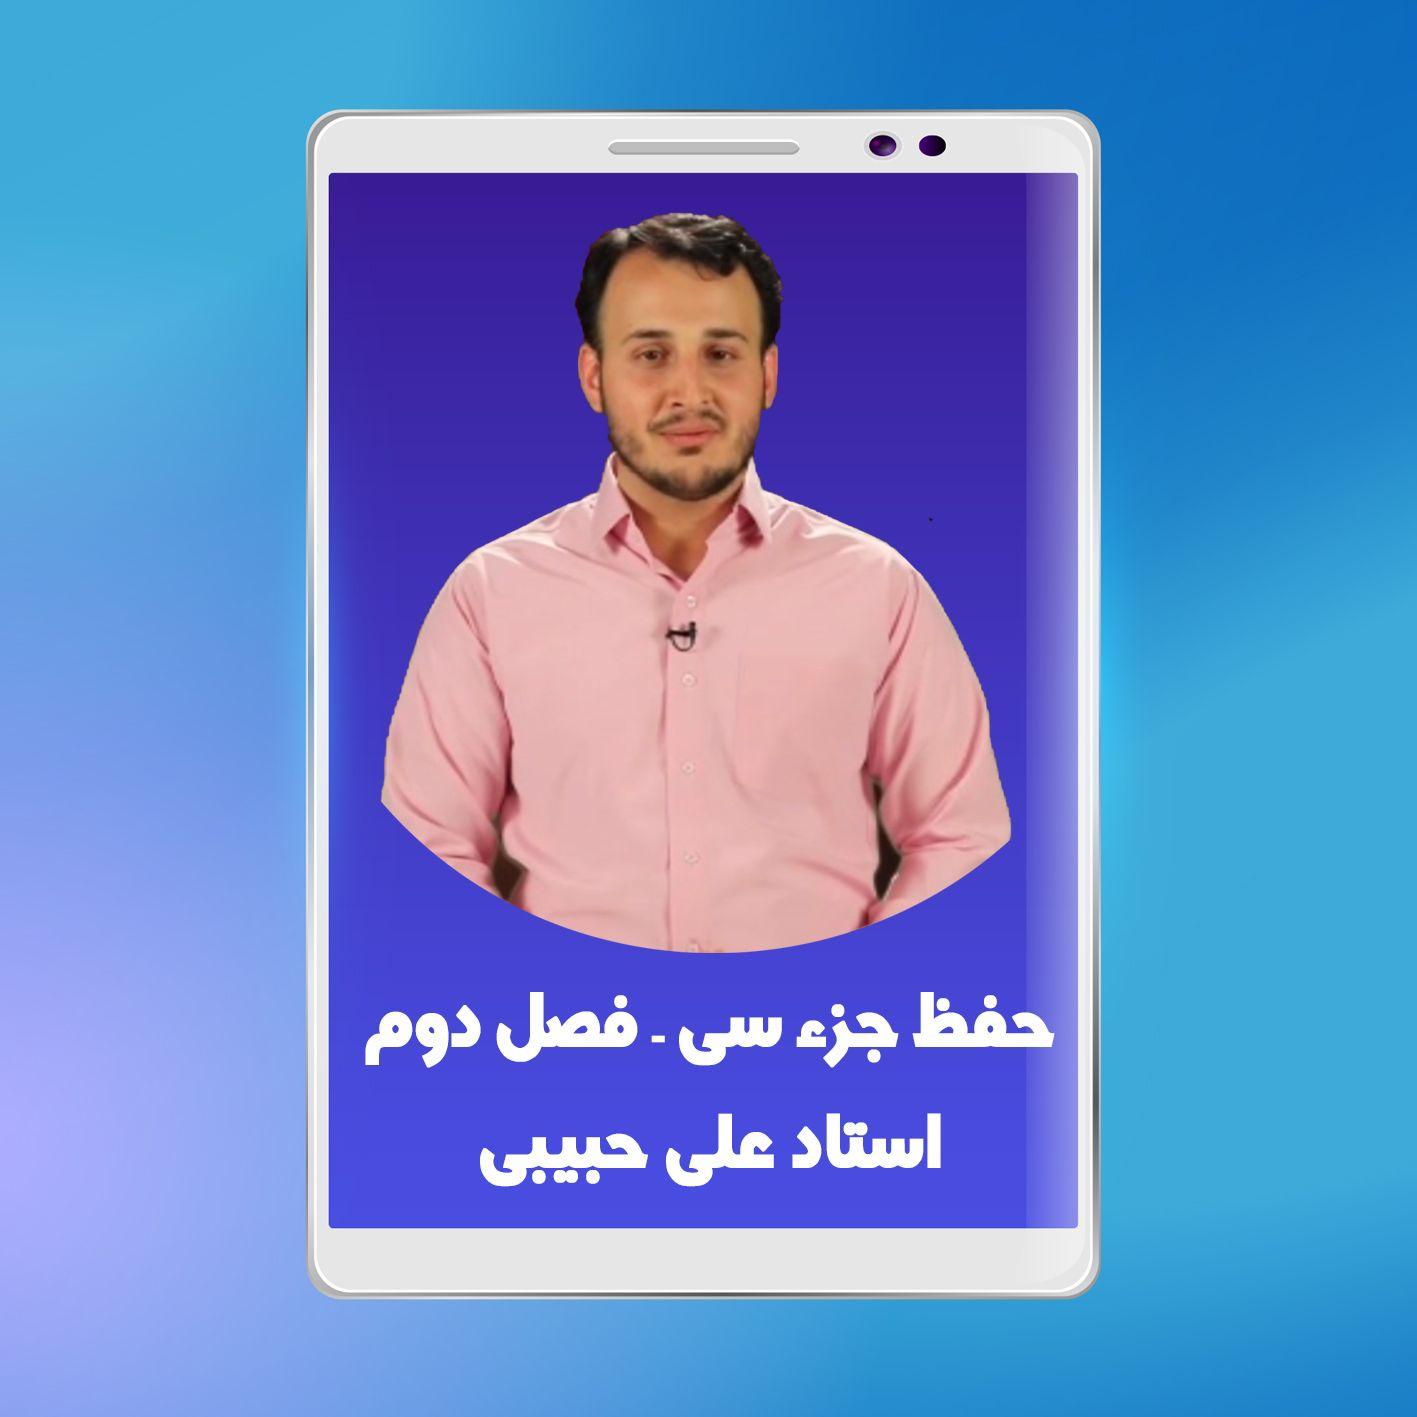 آموزش ویدیویی حفظ جزء ۳۰ - فصل دوم (سوره طارق تا بینه)